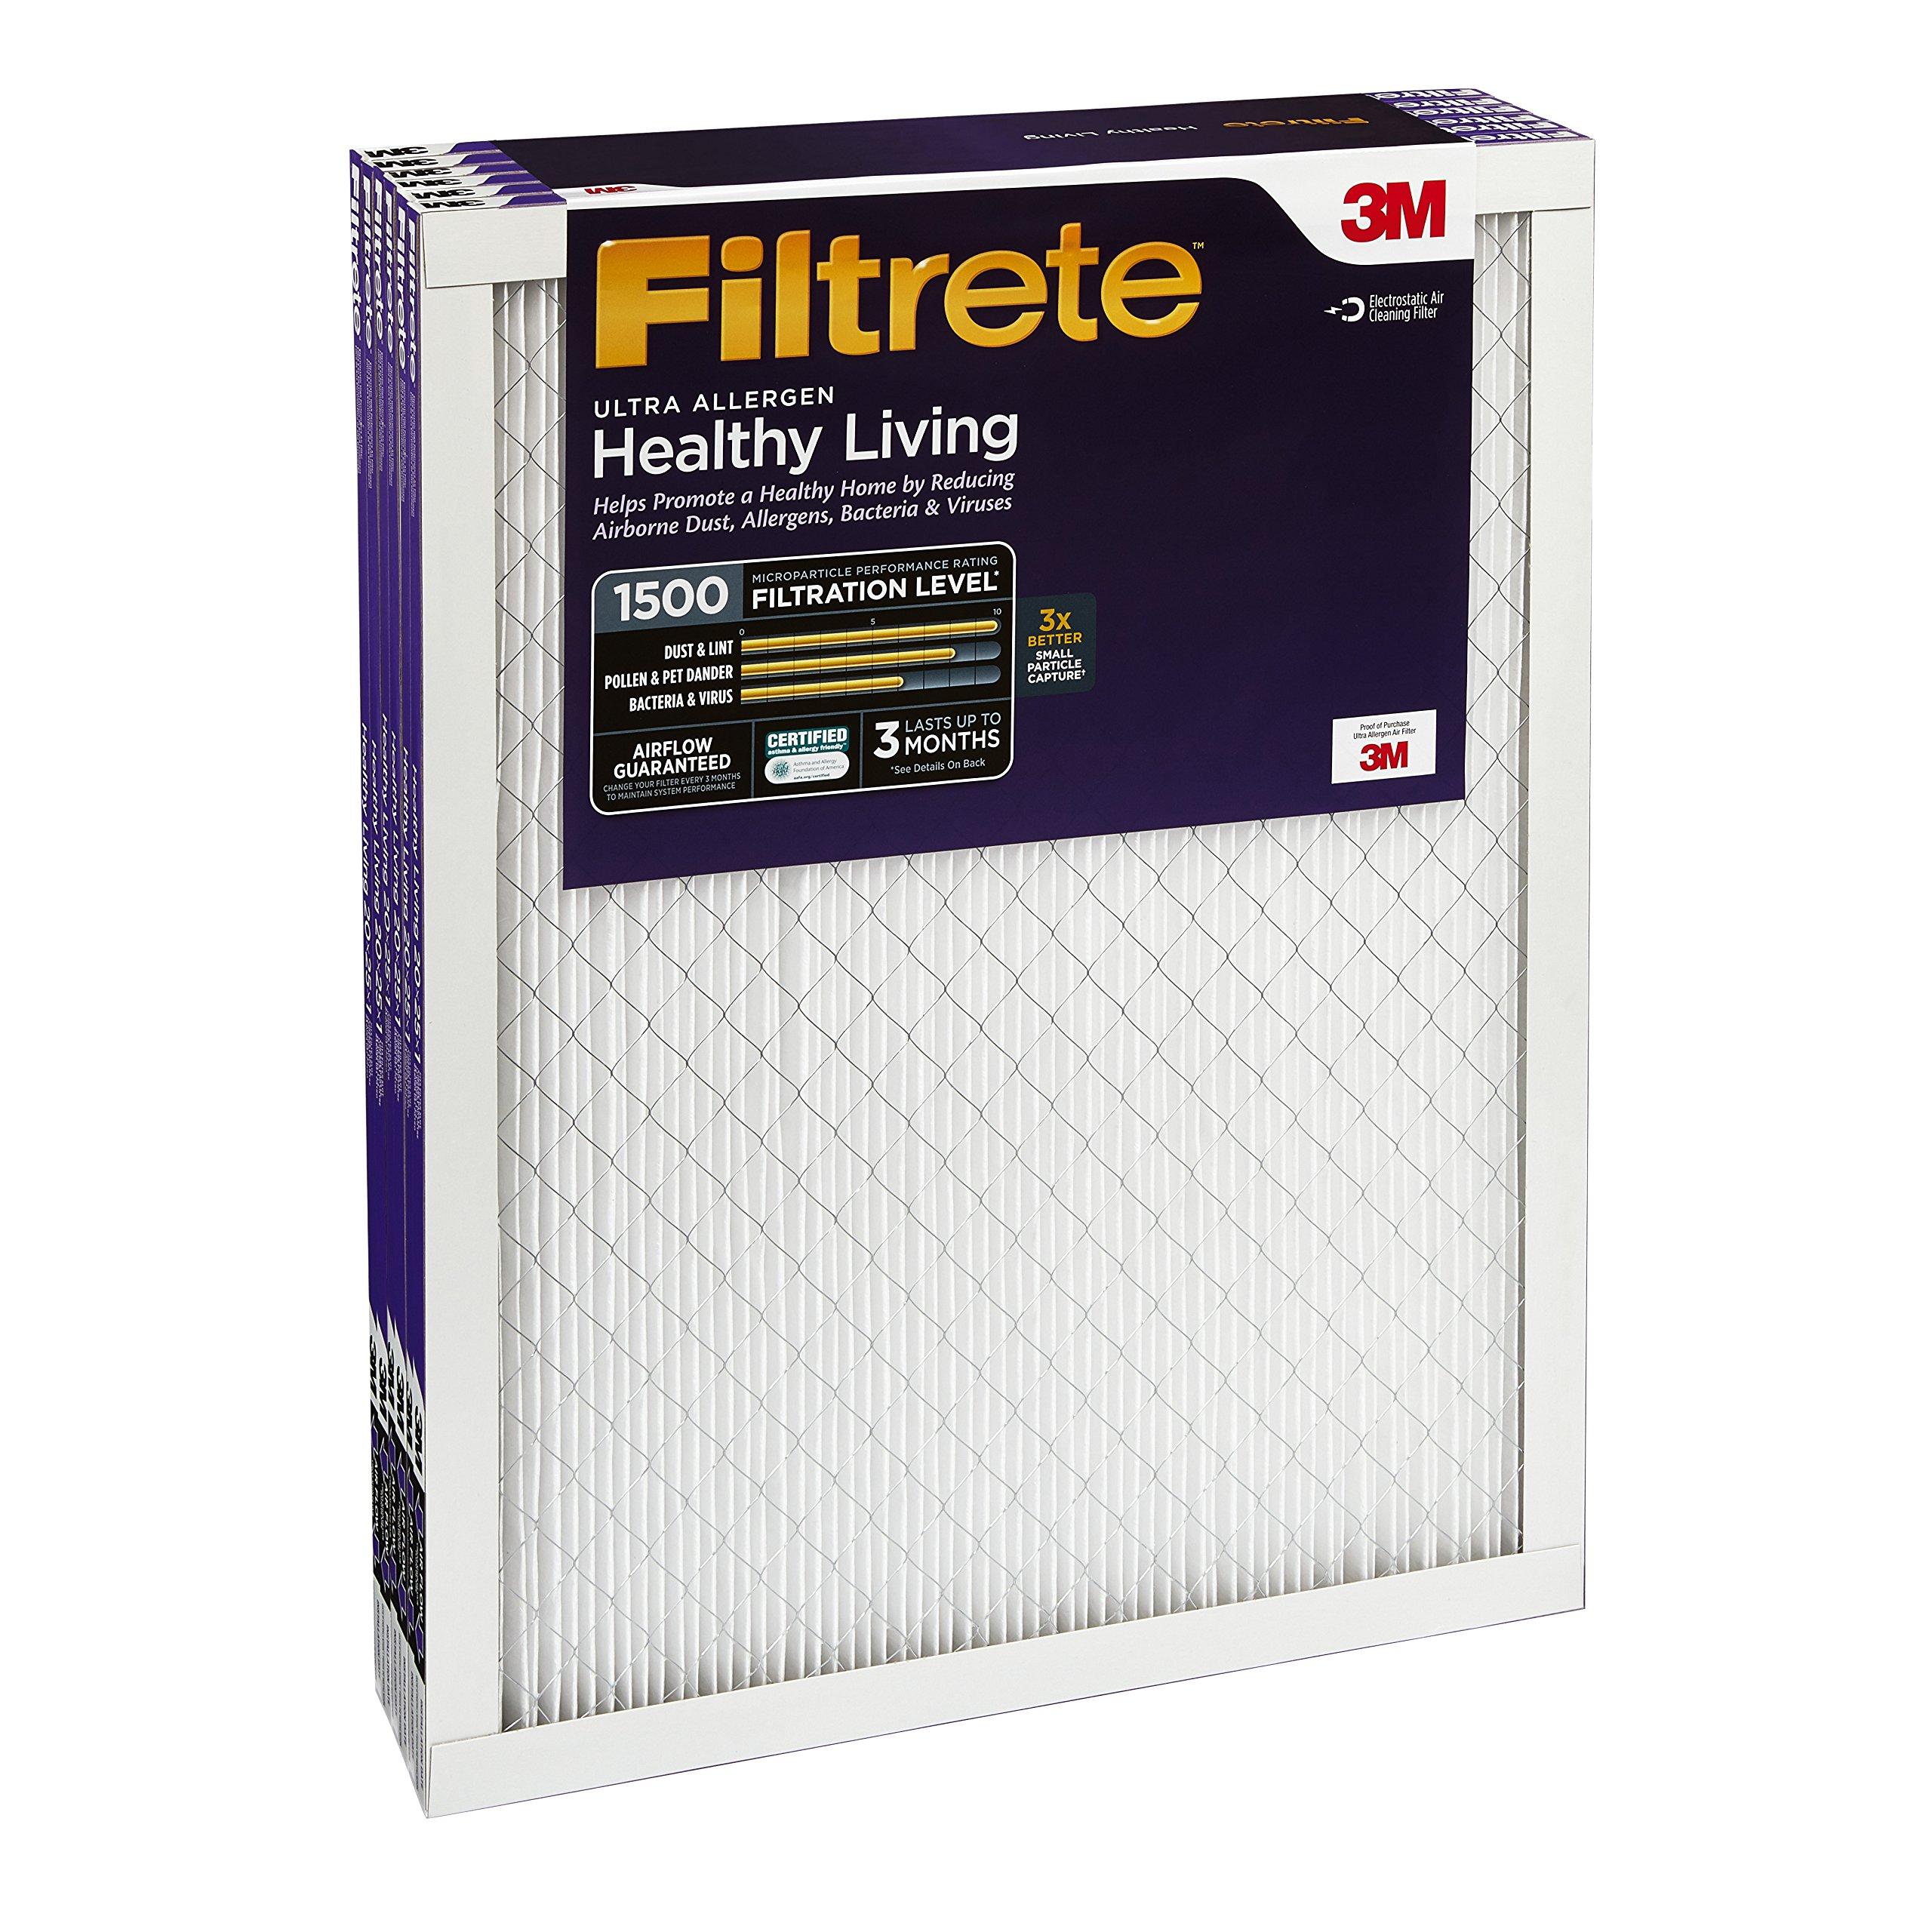 Filtrete Healthy Living - Filtro, UR19-6PK-2E: Amazon.es: Bricolaje y herramientas